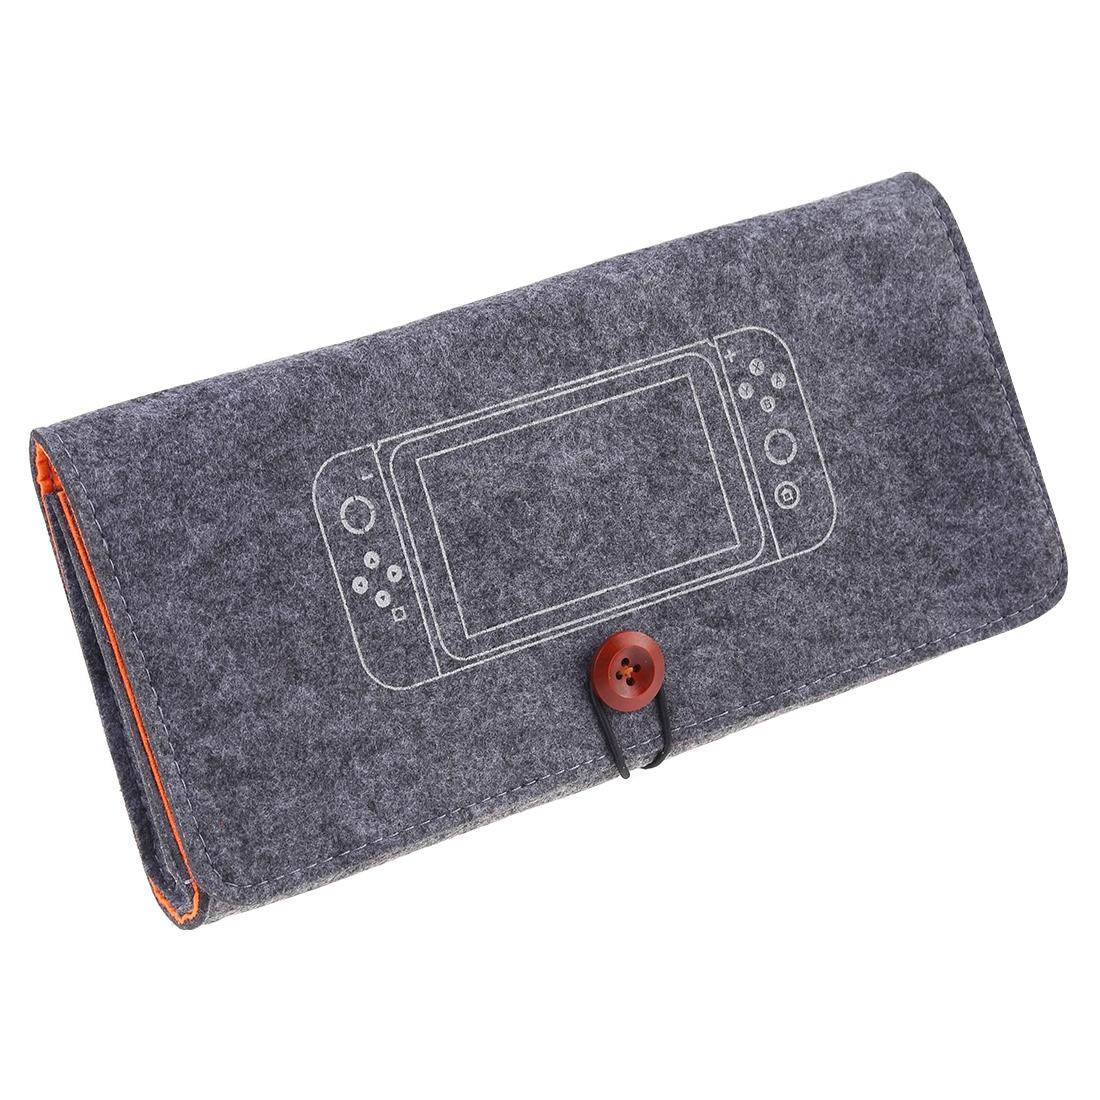 Ochranné pouzdro textilní Nintendo Switch - tmavě šedé (SWITCH)